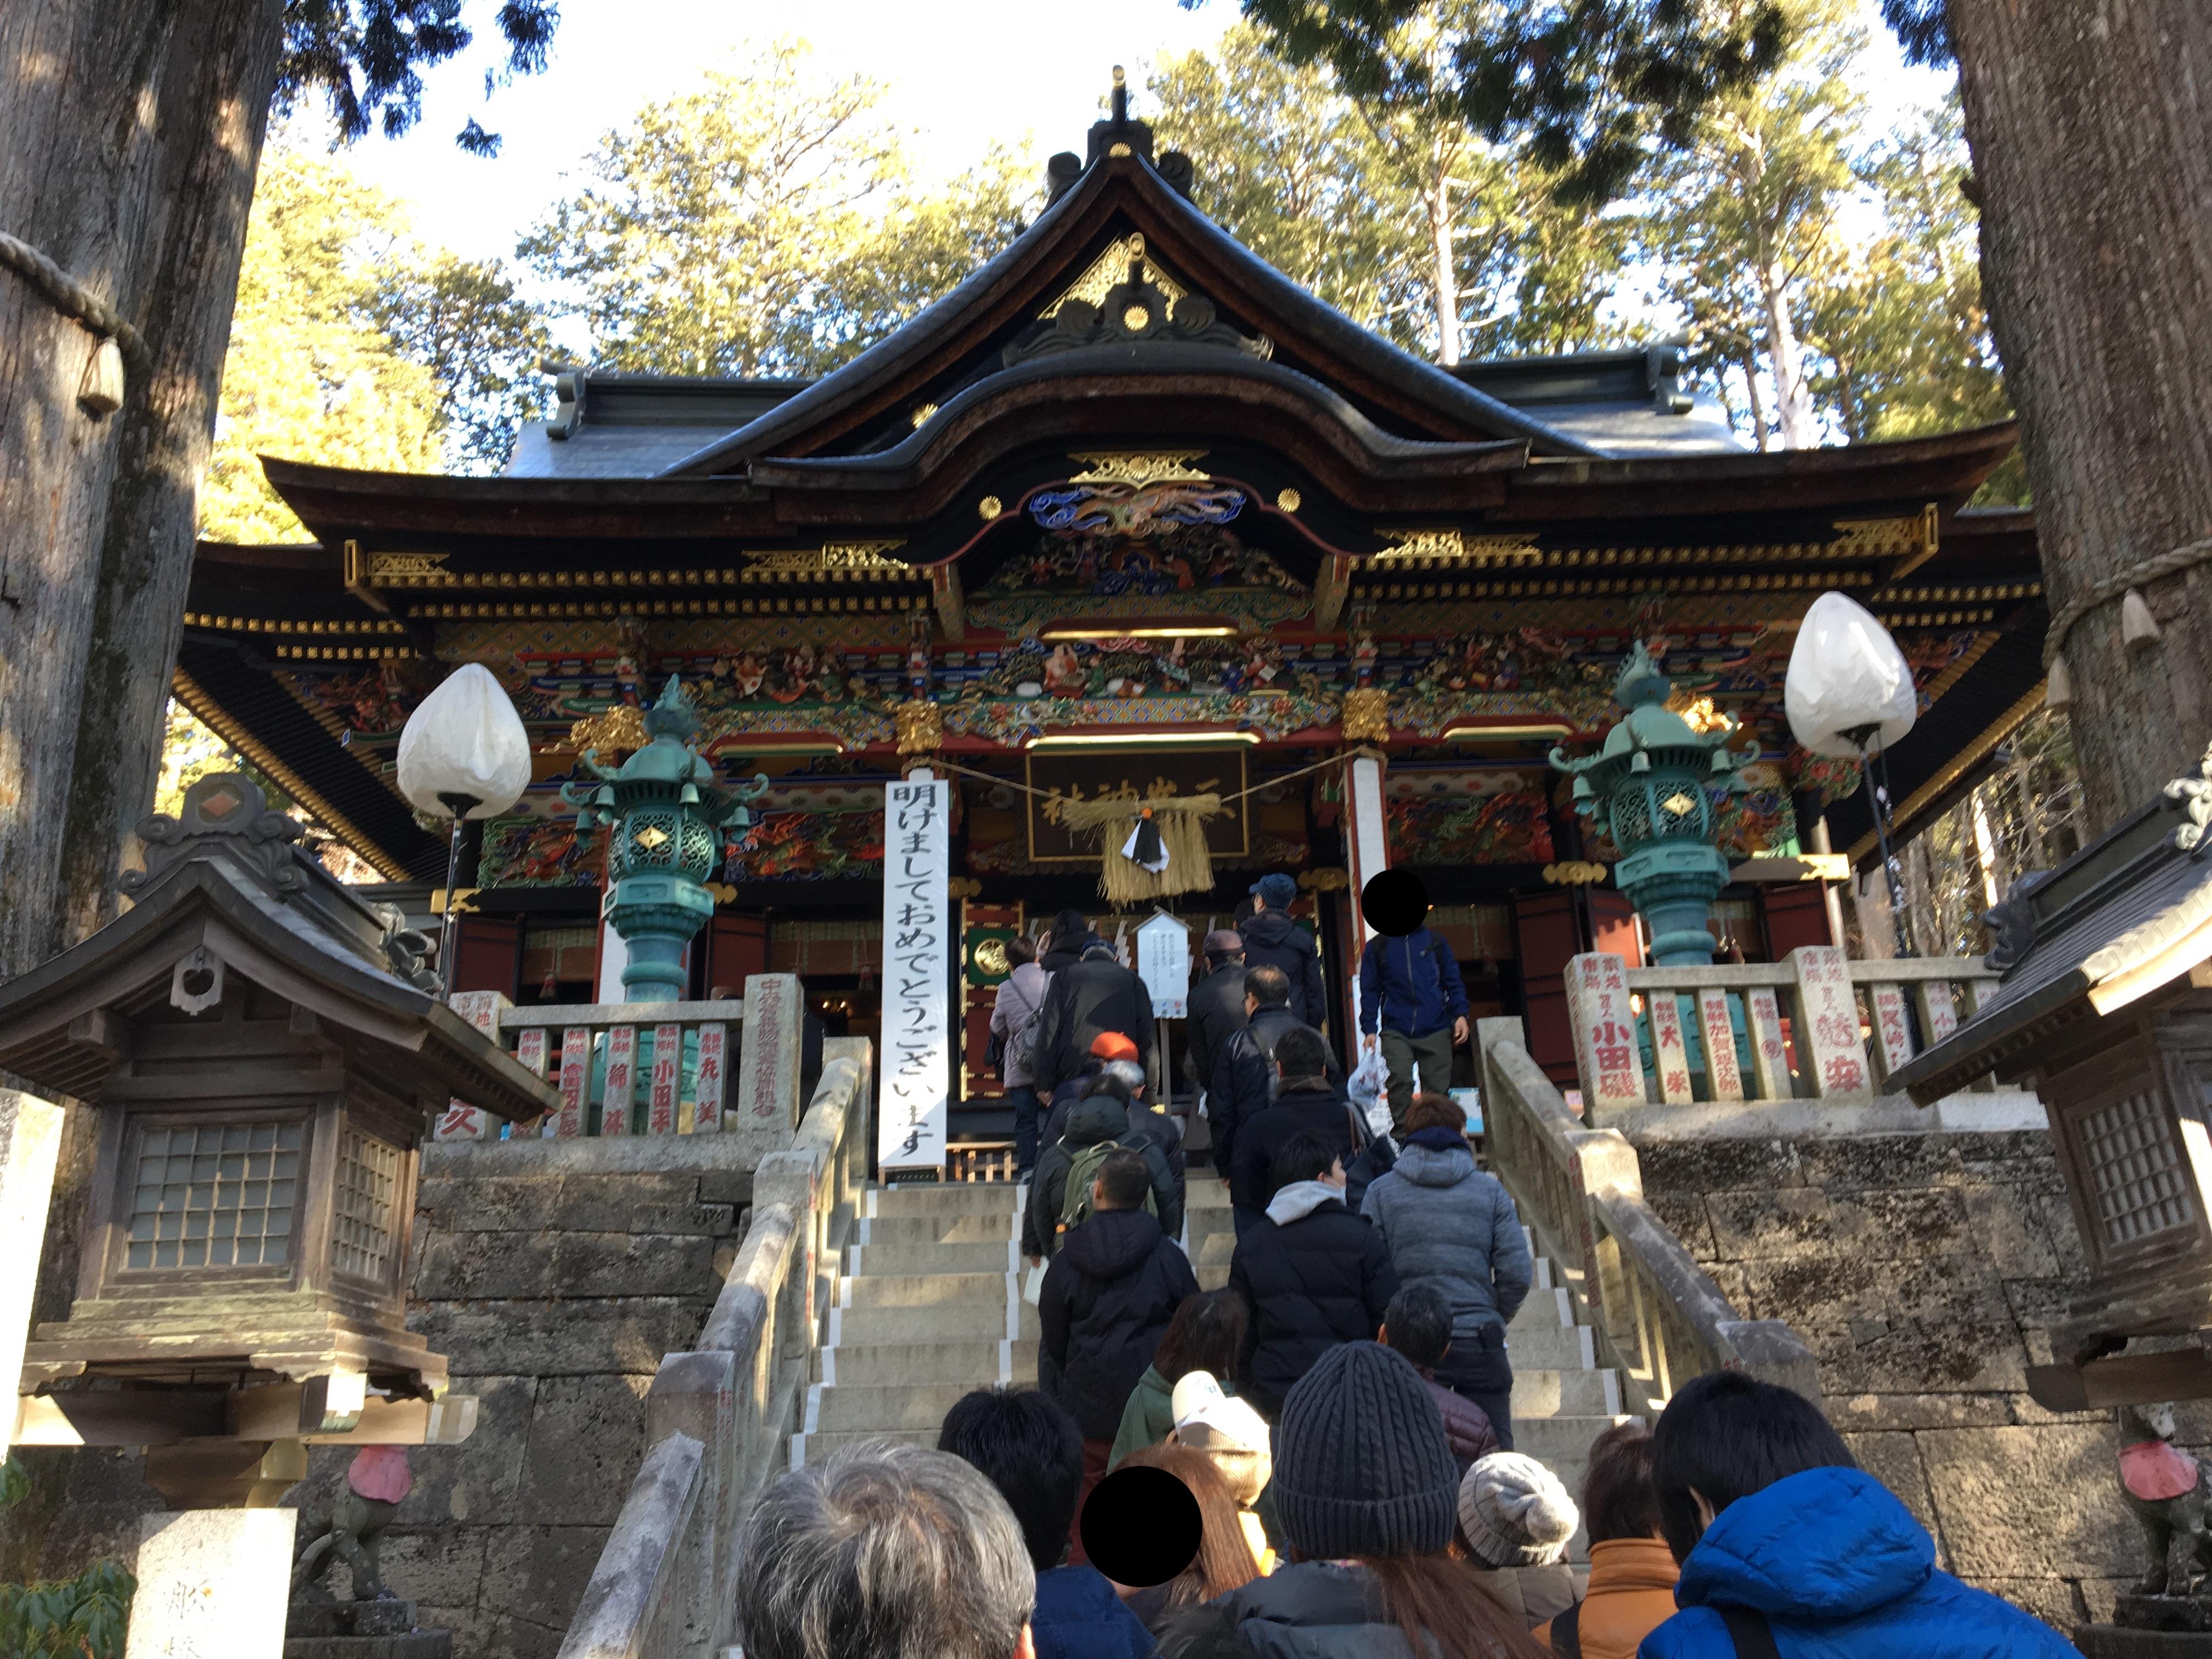 探索!冬の奥秩父 その2 初詣から縁結びまで!三峯神社